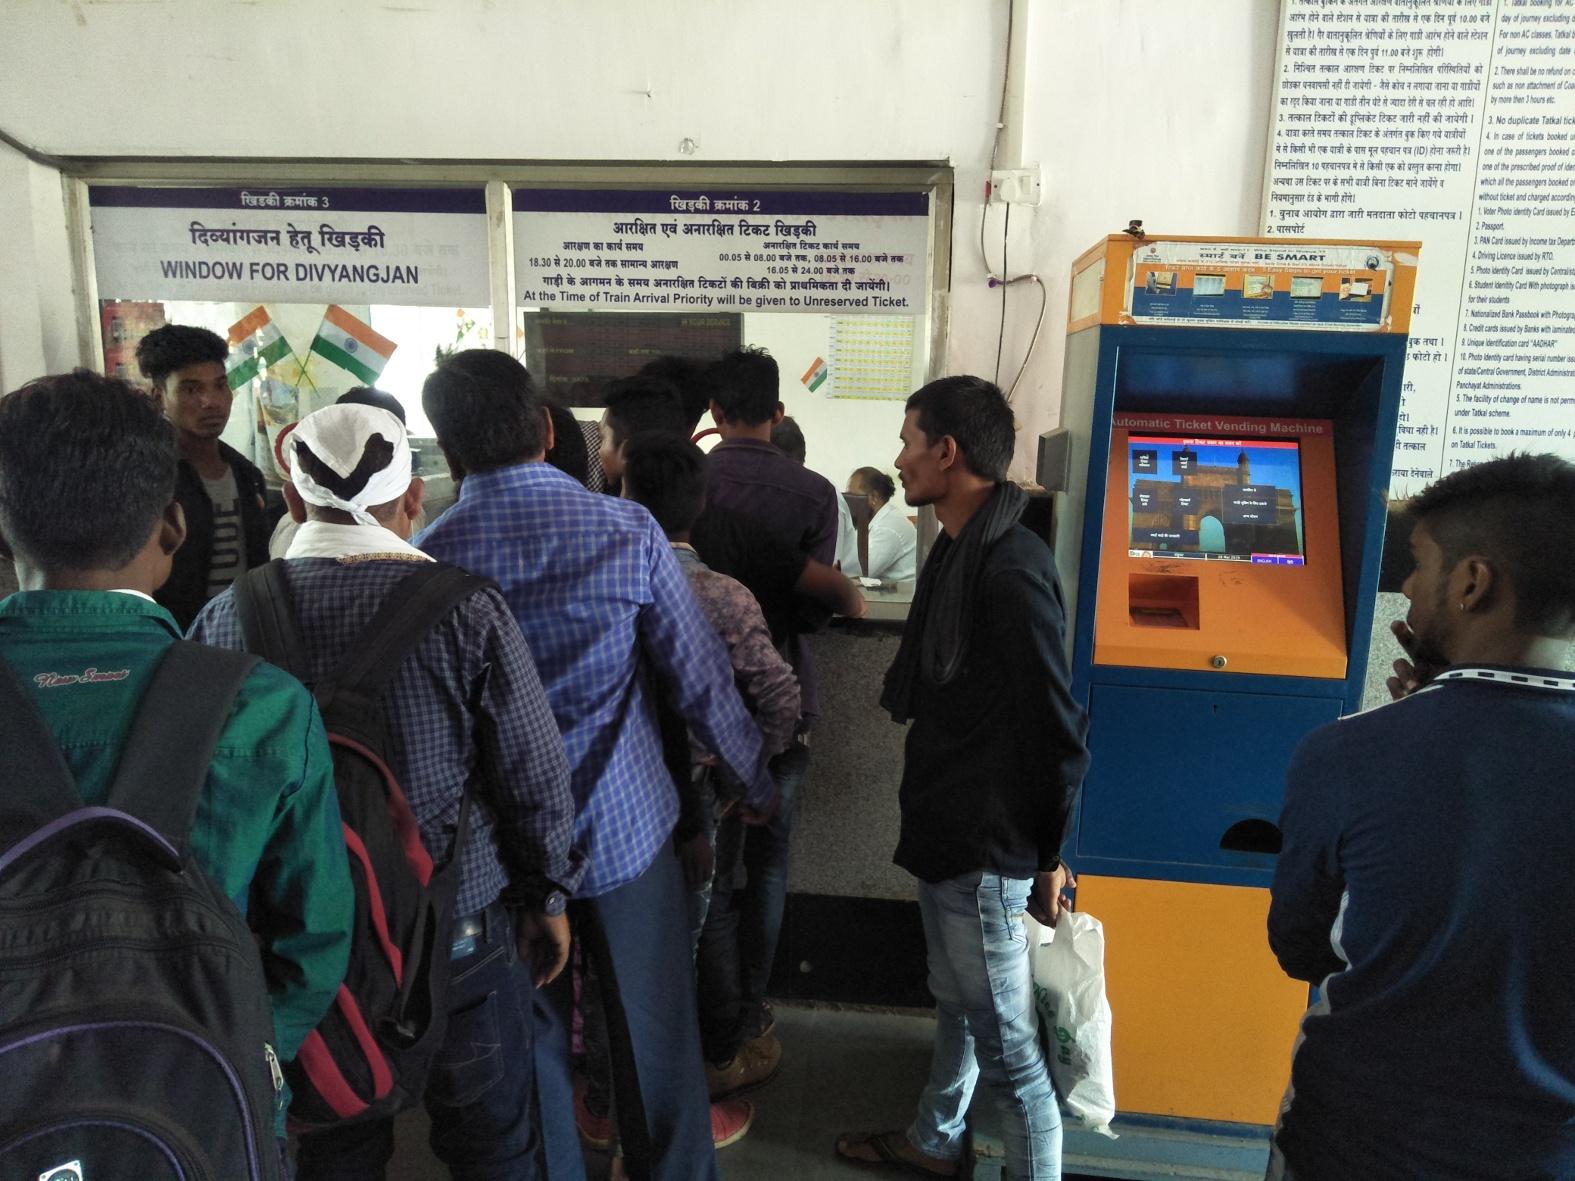 रेलवे टिकट देने के लगाई मशीन